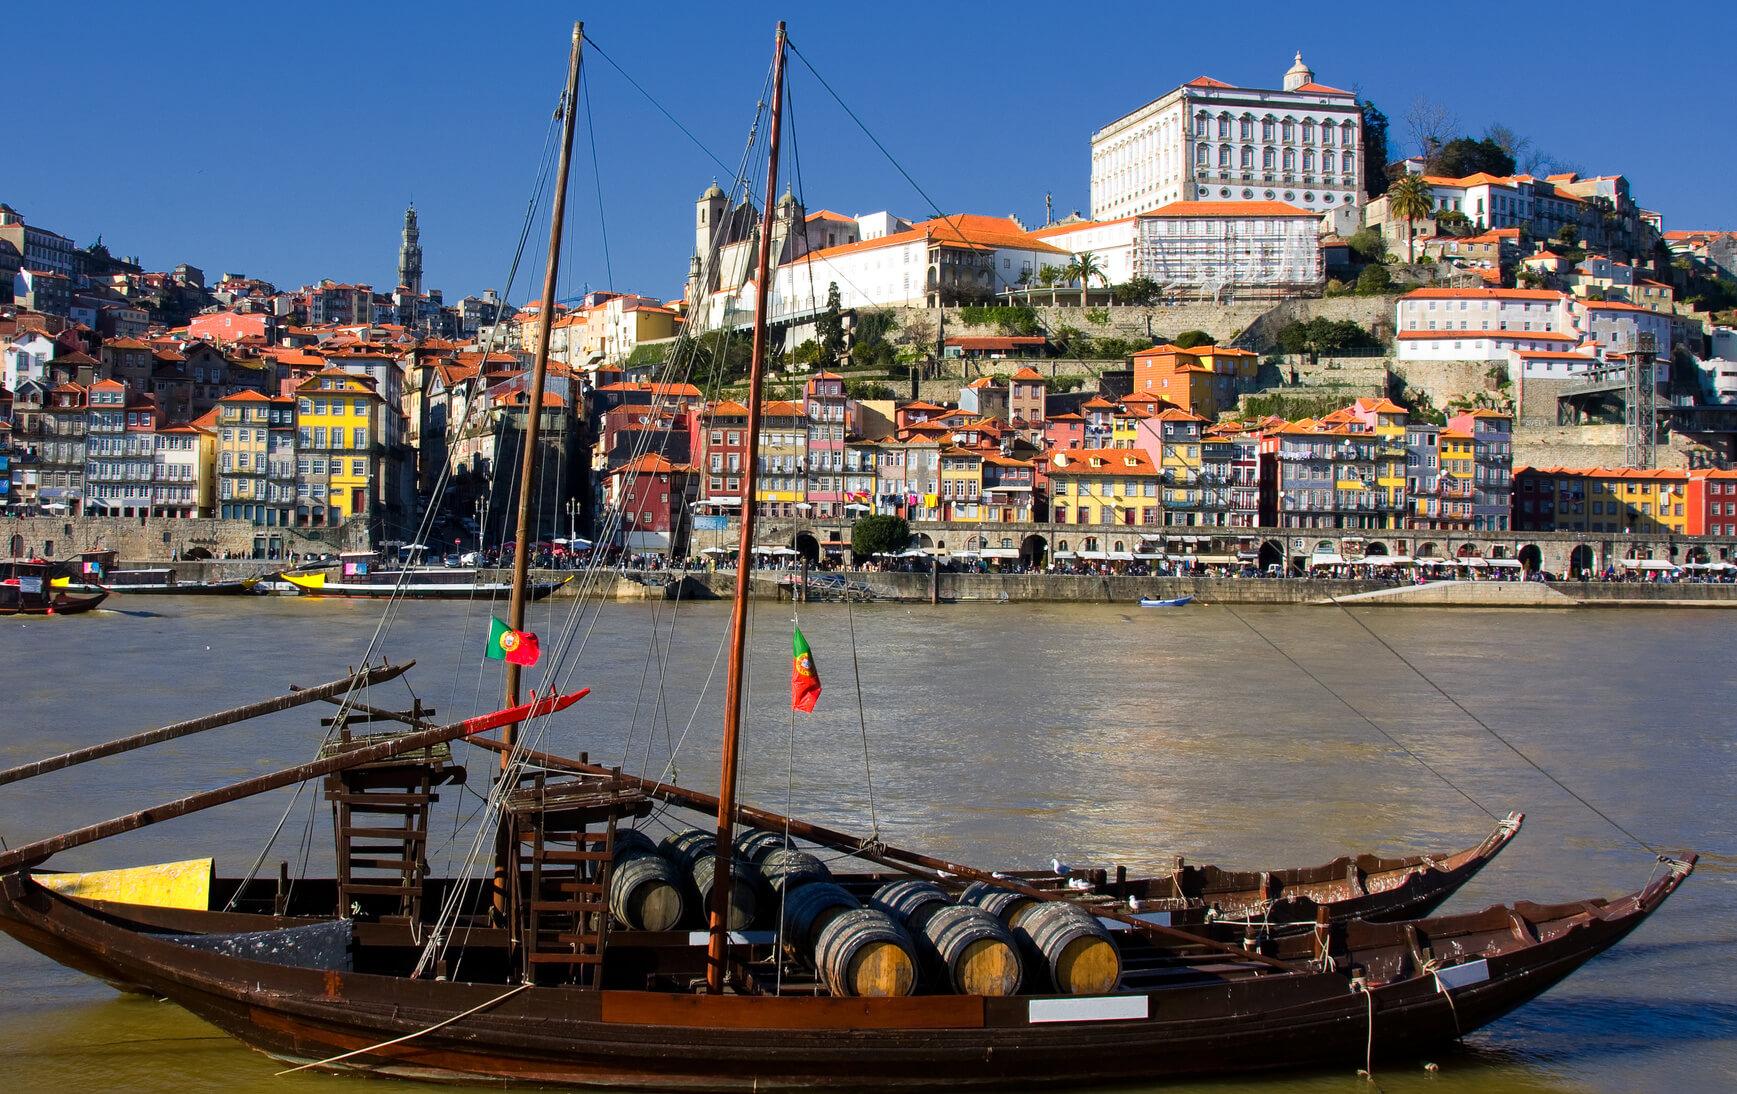 6 Days in Portugal: Visit Porto City